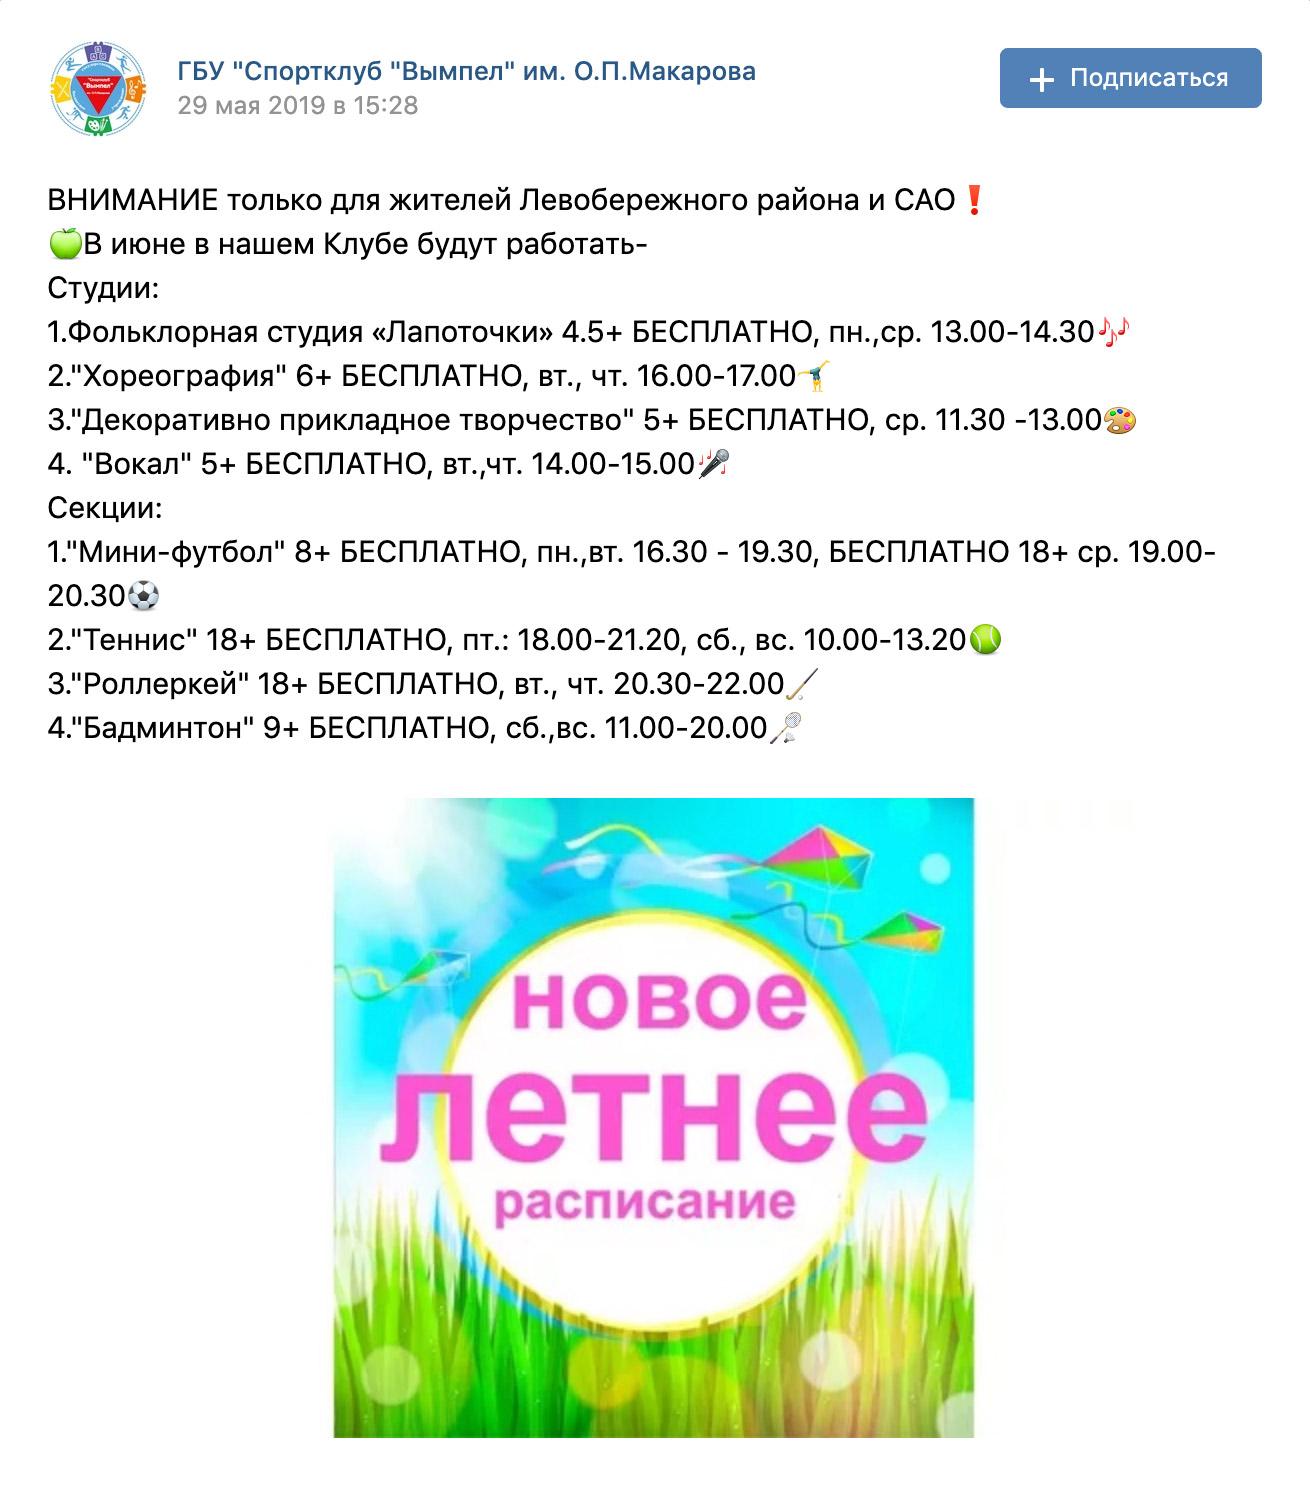 Афиша бесплатных занятий в районном спортклубе на странице во Вконтакте